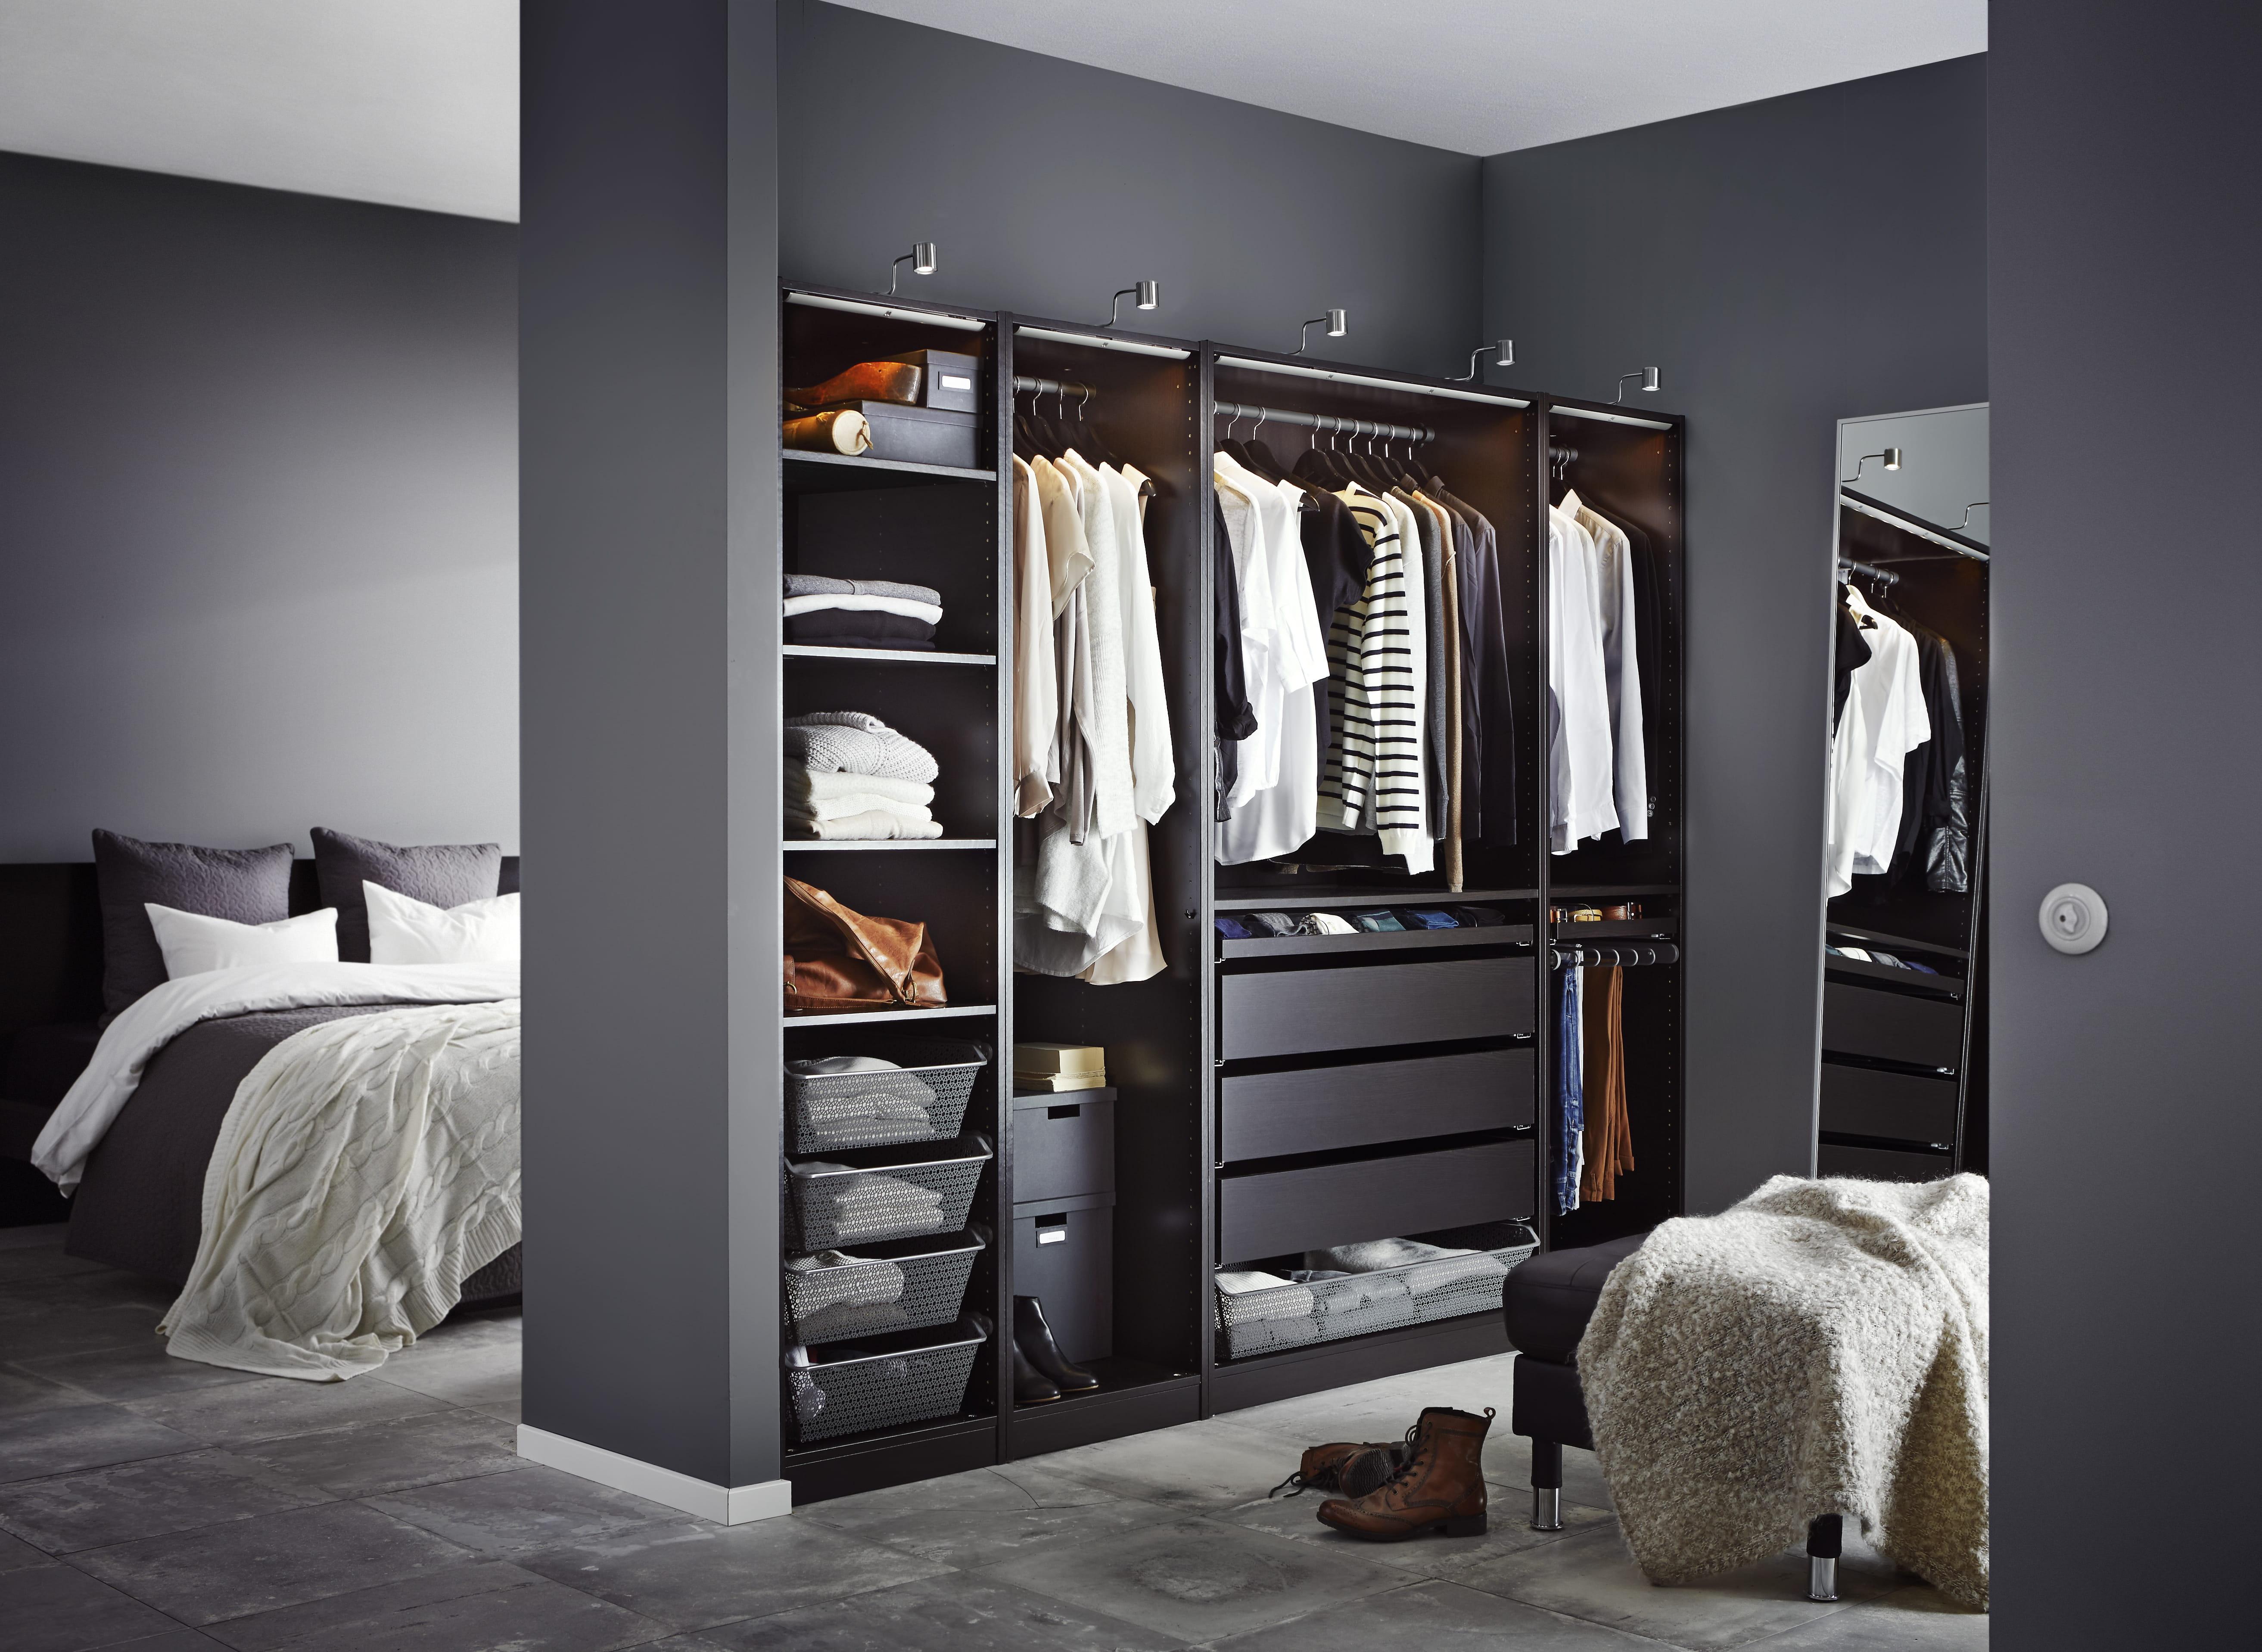 Modele Chambre Ikea : Black and White Closet Organization